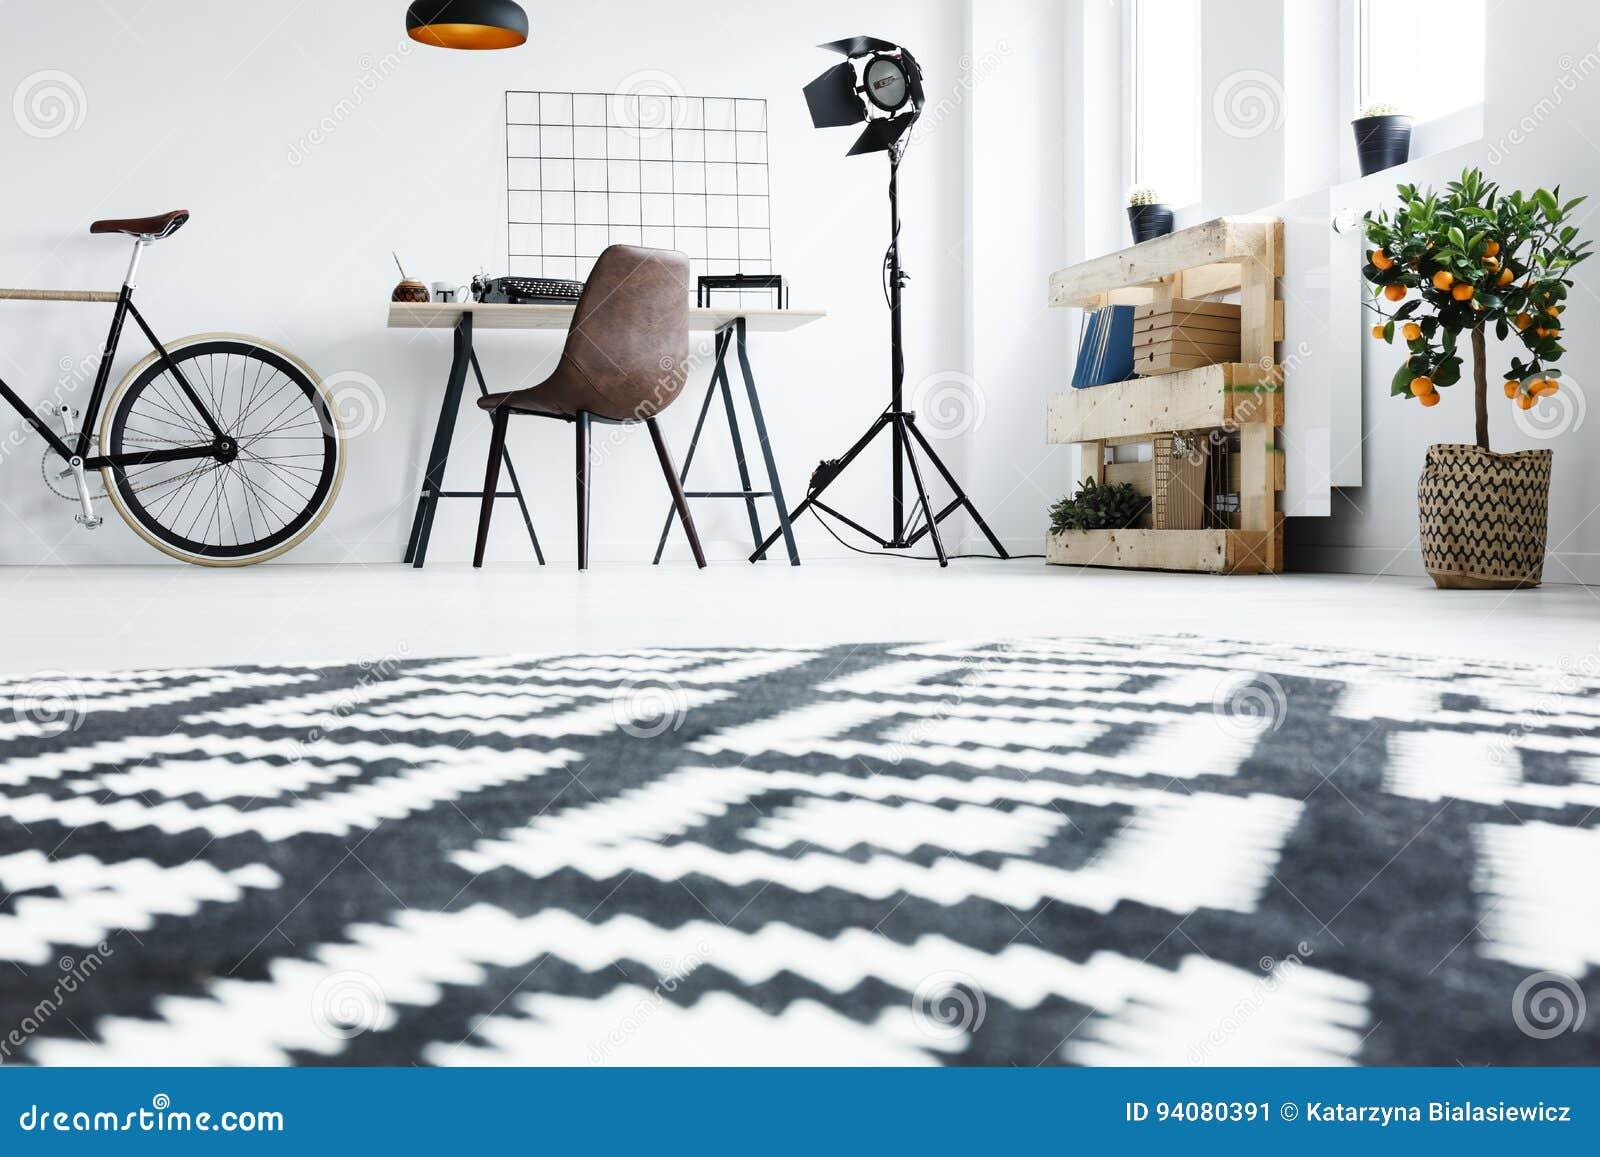 Tapis Noir Et Blanc Dans La Chambre